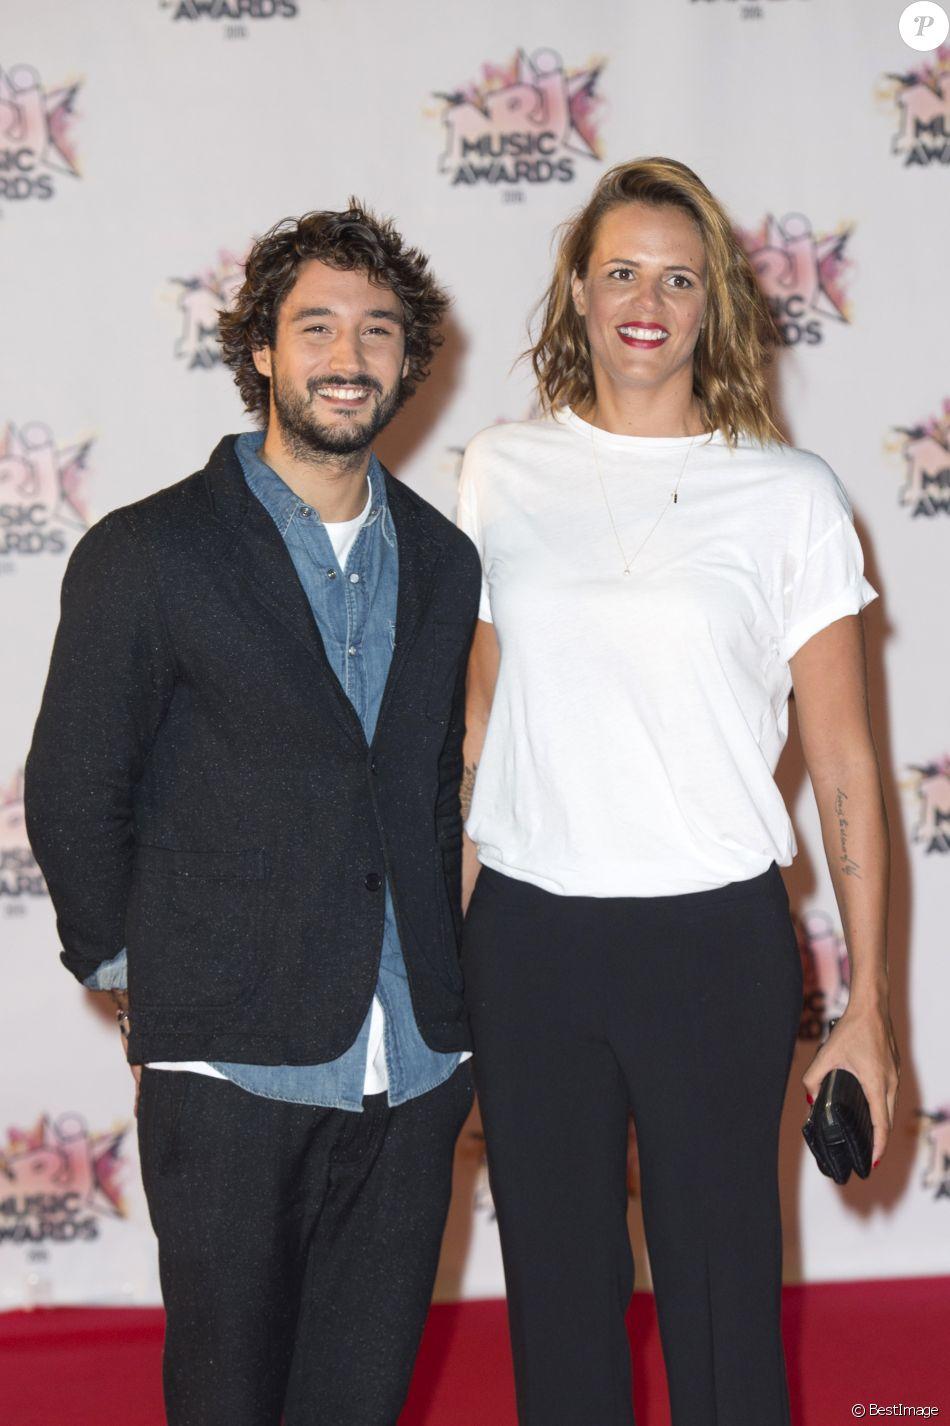 Mariage - Laure Manaudou et Jérémy Frérot se sont mariés - Laure Manaudou et son compagnon Jérémy Frérot - Arrivées à la 17ème cérémonie des NRJ Music Awards 2015 au Palais des Festivals à Cannes, le 7 novembre 2015.  People attending the NRJ Music Awards at the Palais des Festival in Cannes, on November 7th 2015.07/11/2015 - Cannes